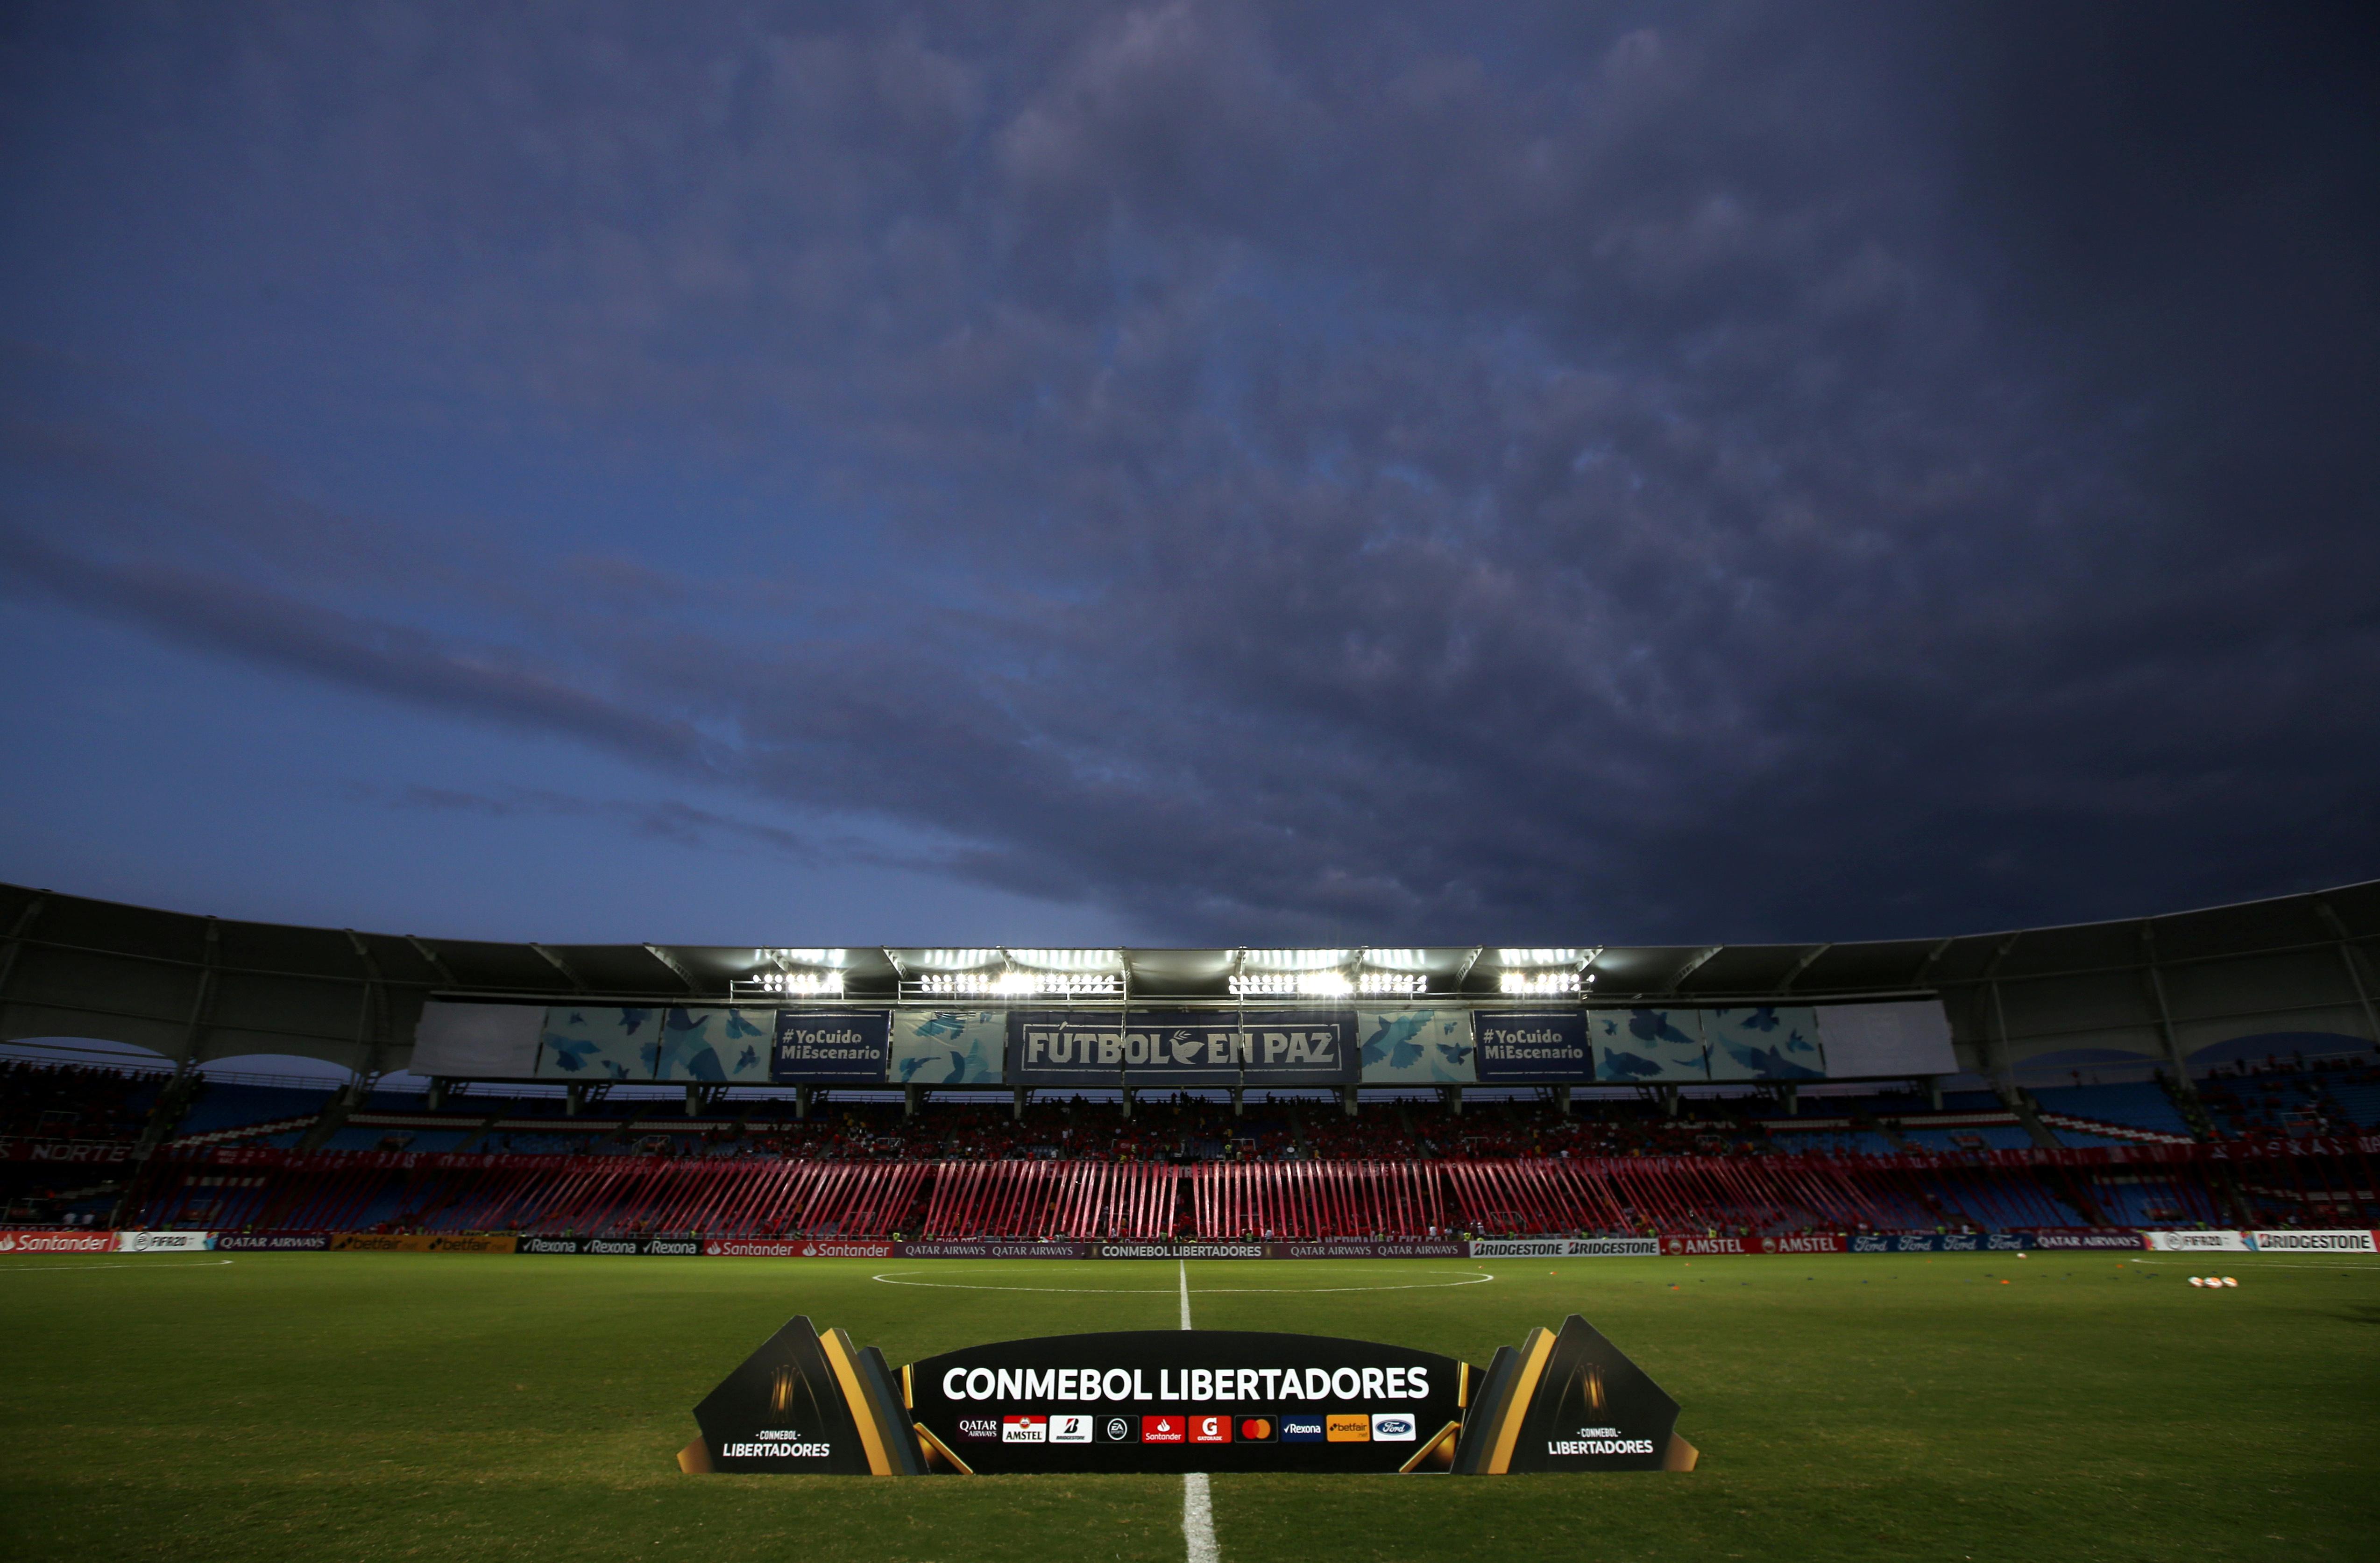 PUESTO 7 - 163 PARTIDOS / Estadio Pascual Guerrero de Cali, Colombia (REUTERS/Luisa Gonzalez)